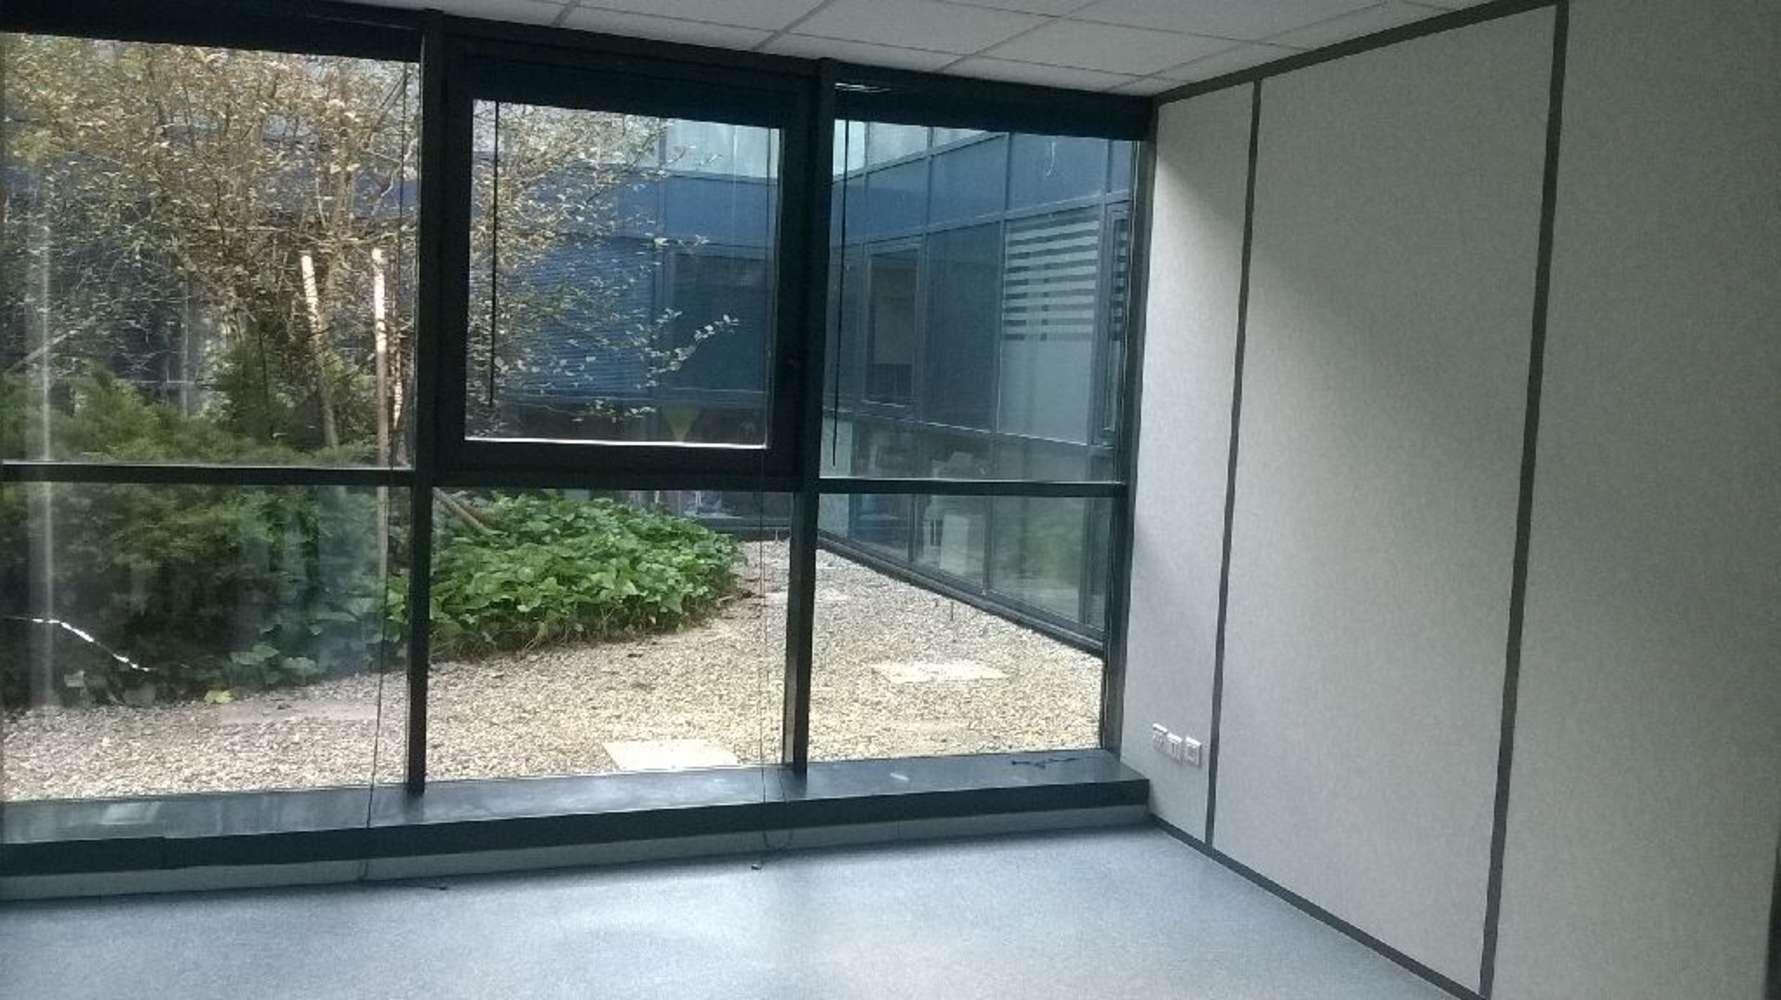 Activités/entrepôt Genay, 69730 - Location locaux d'activité Lyon Nord - 9456213